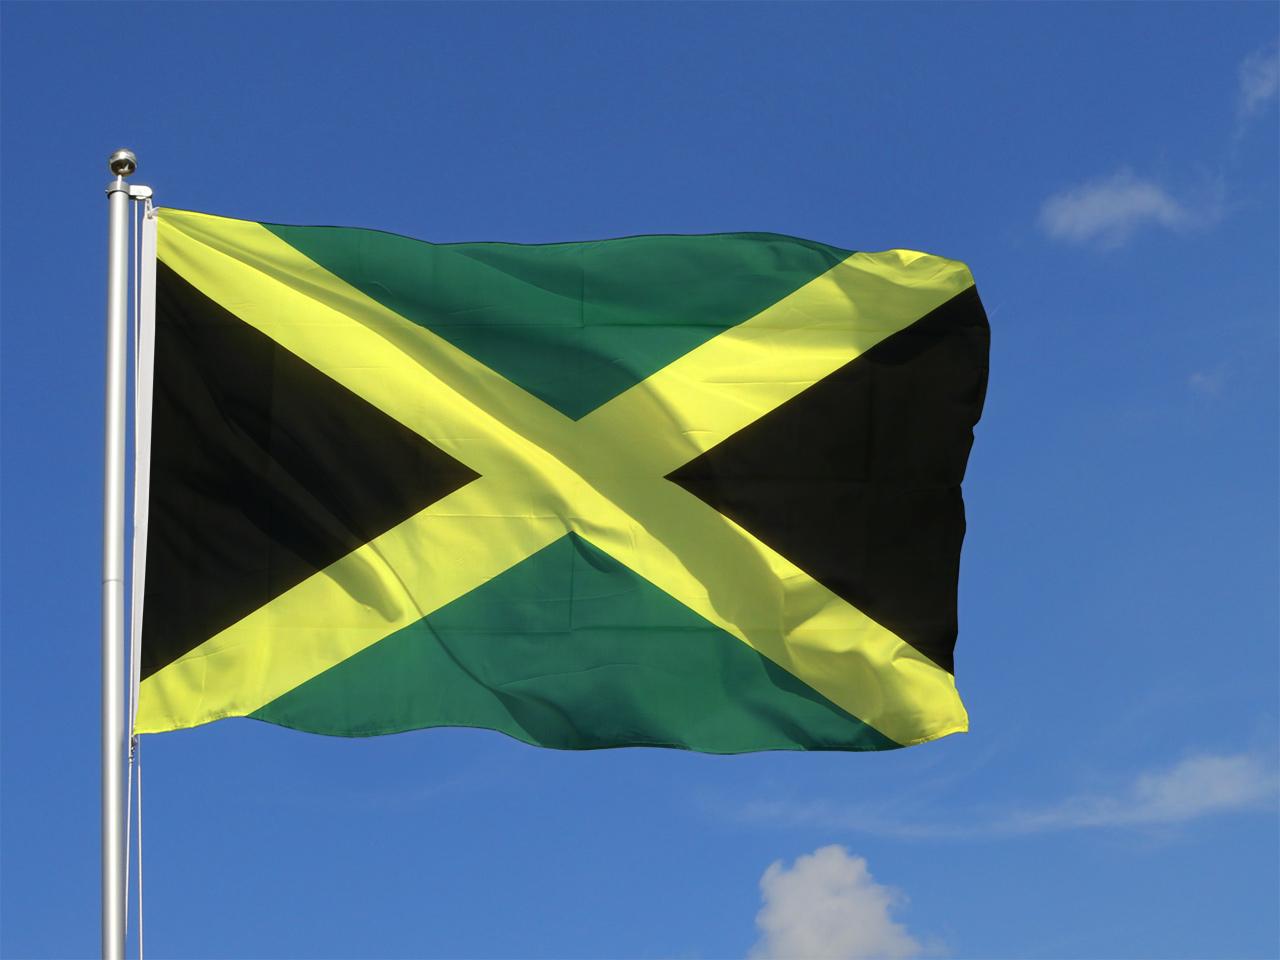 jamaican flag pole - photo #14